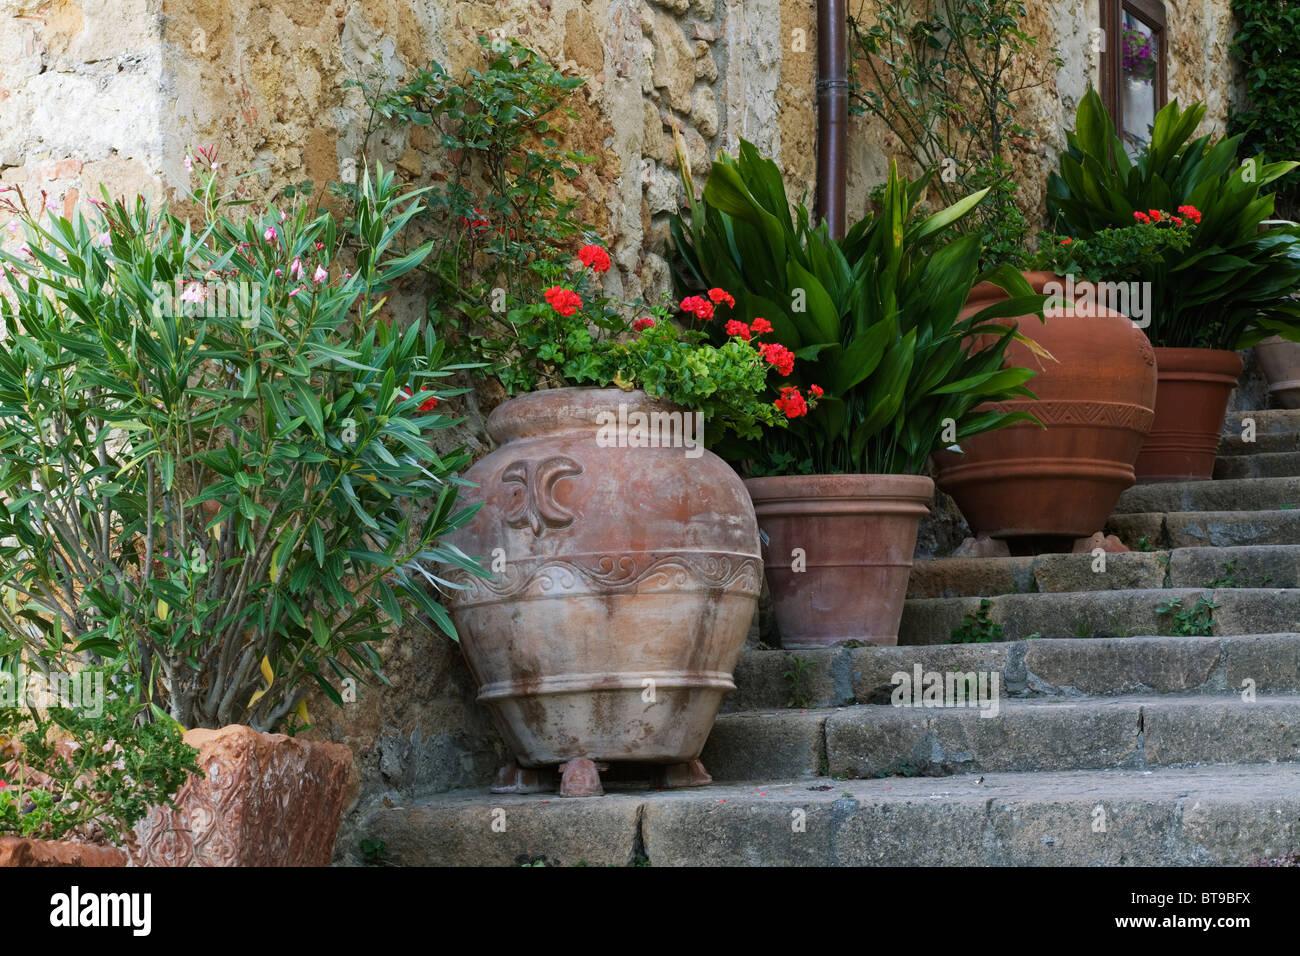 Pienza, mostrante vasi decorativi sulle fasi con Geranio - Toscana, Italia Immagini Stock